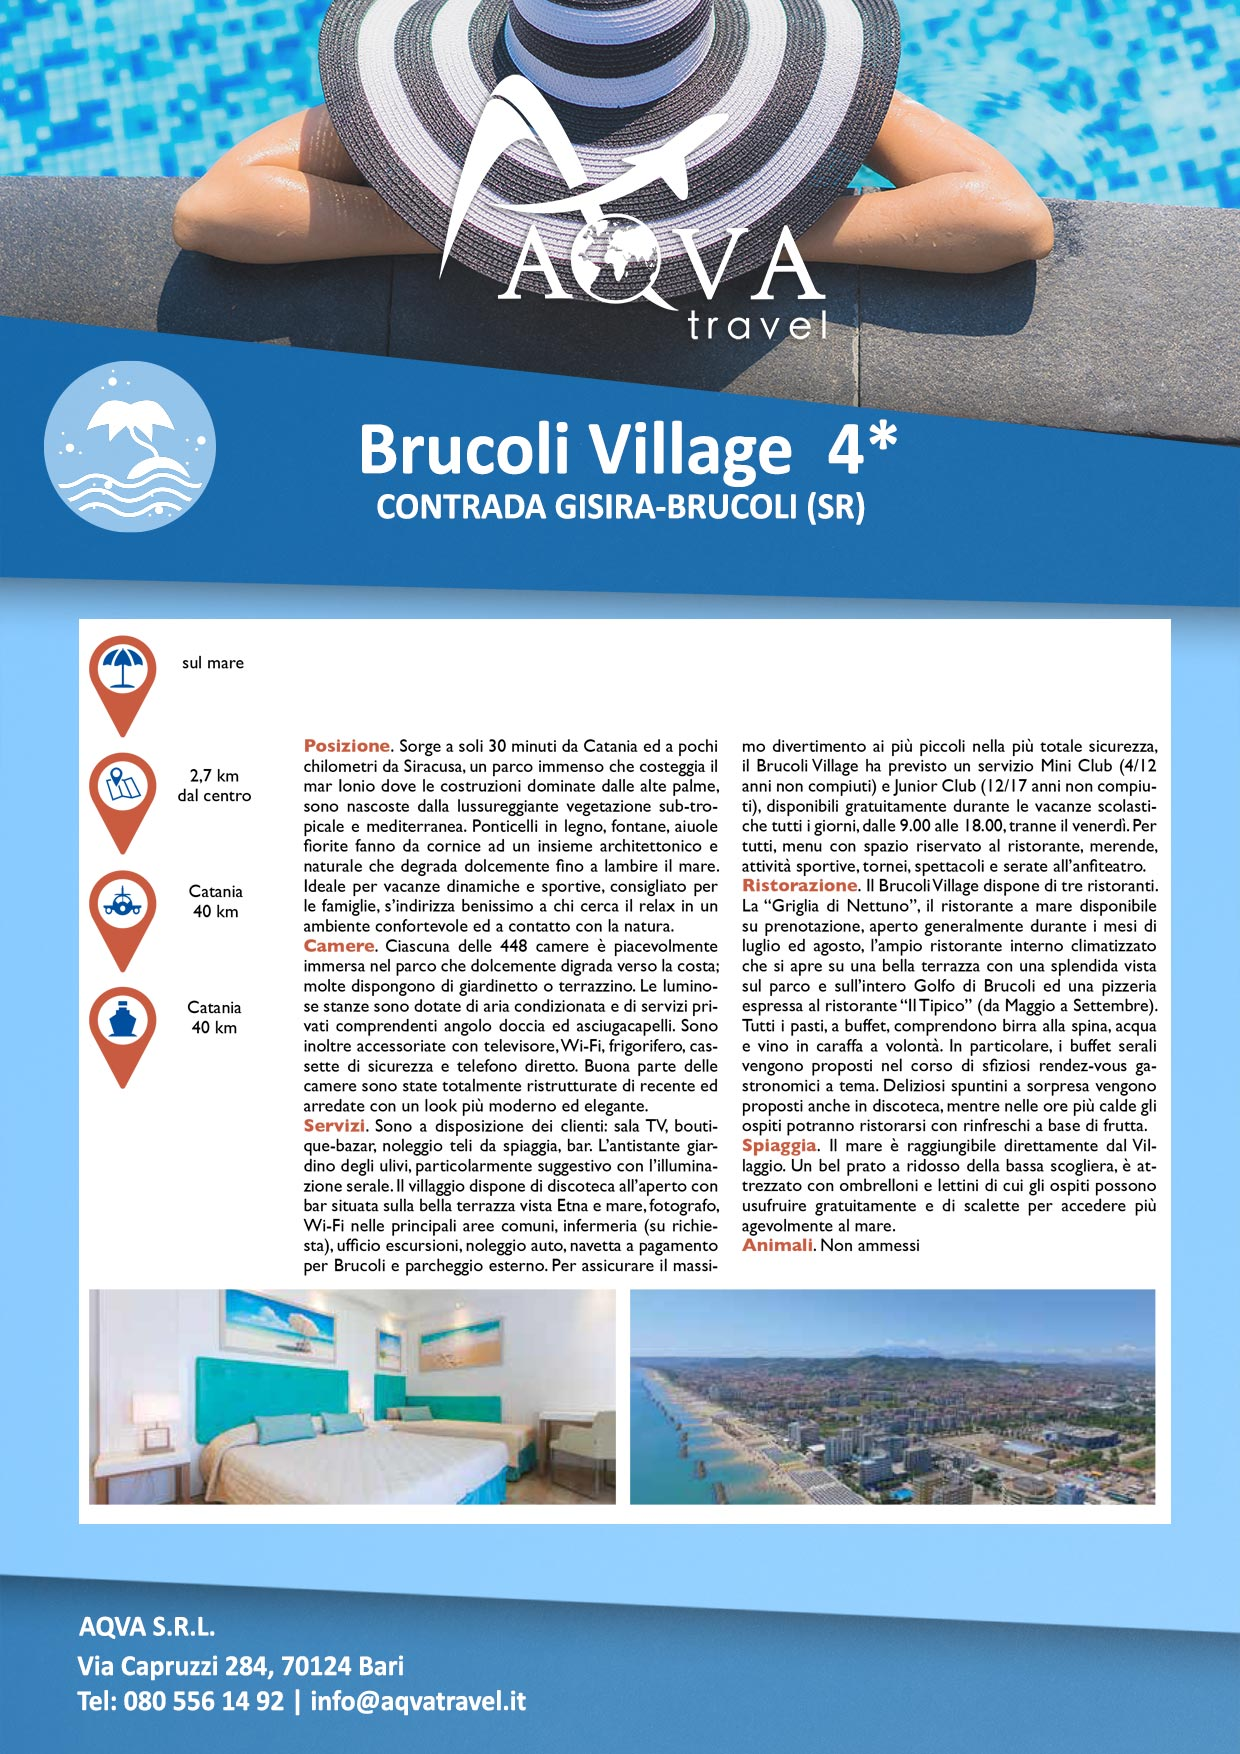 Brucoli-Village-4-Mare-offerte-agenzia-di-viaggi-Bari-AQVATRAVEL-it